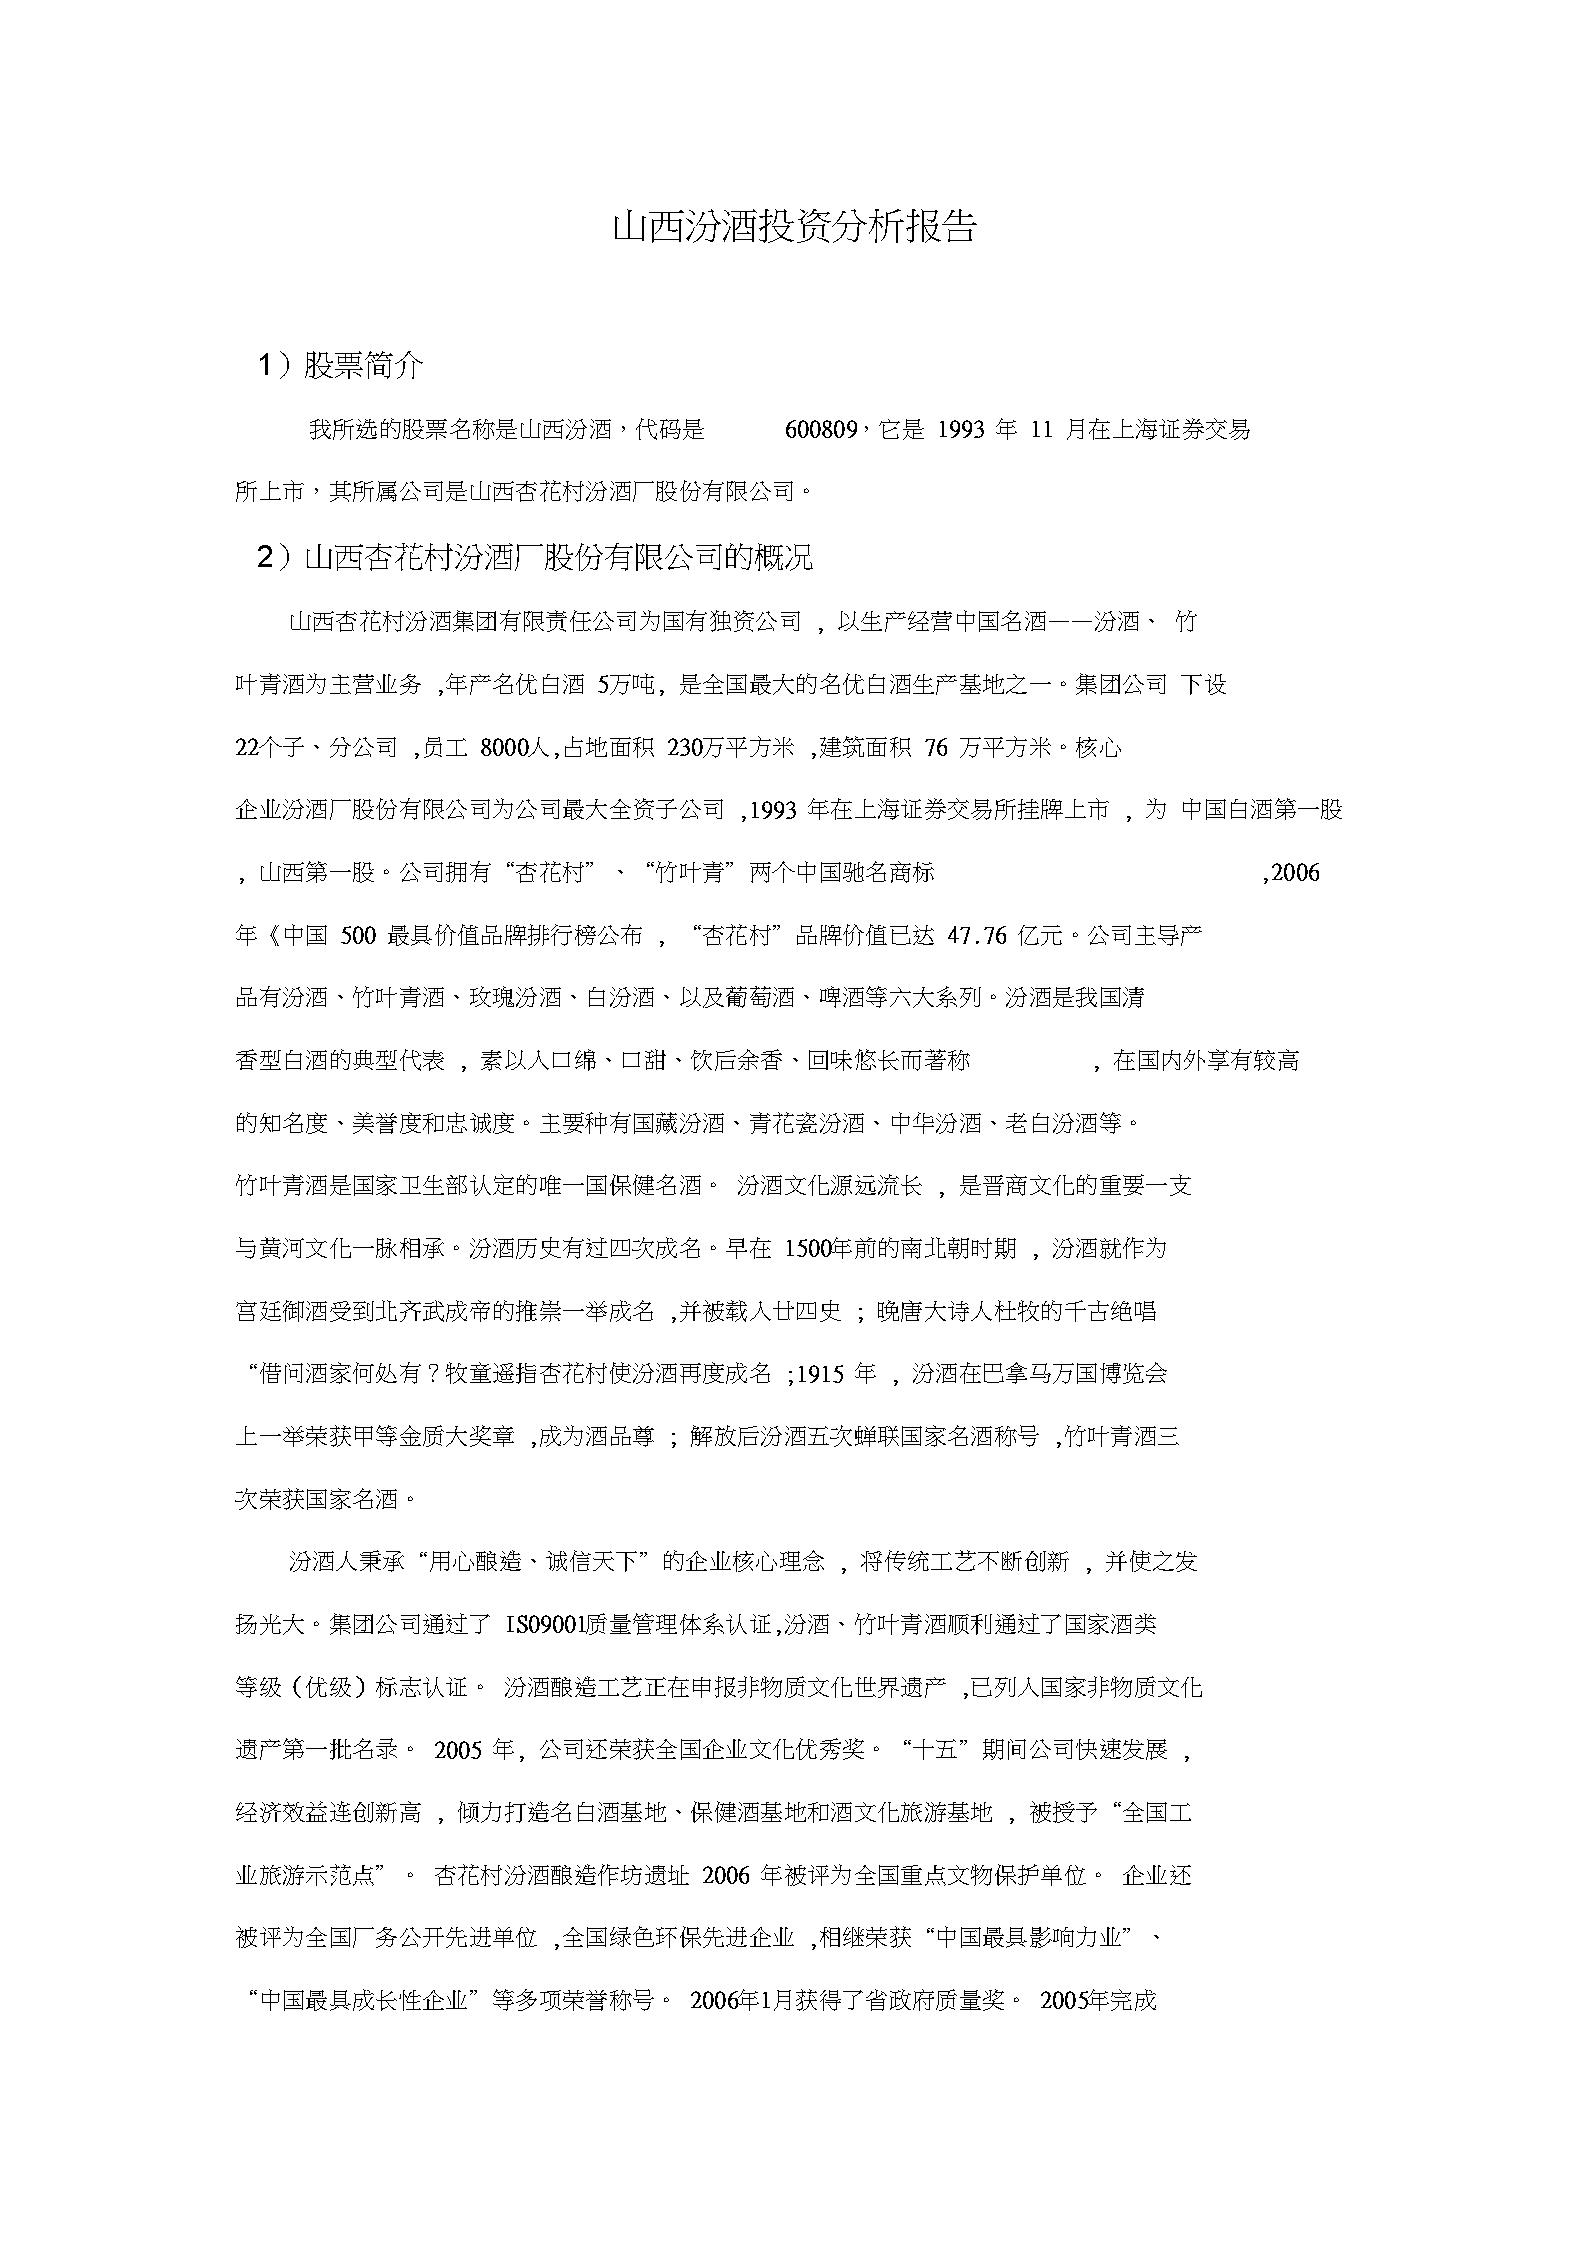 山西汾酒投资分析报告.docx